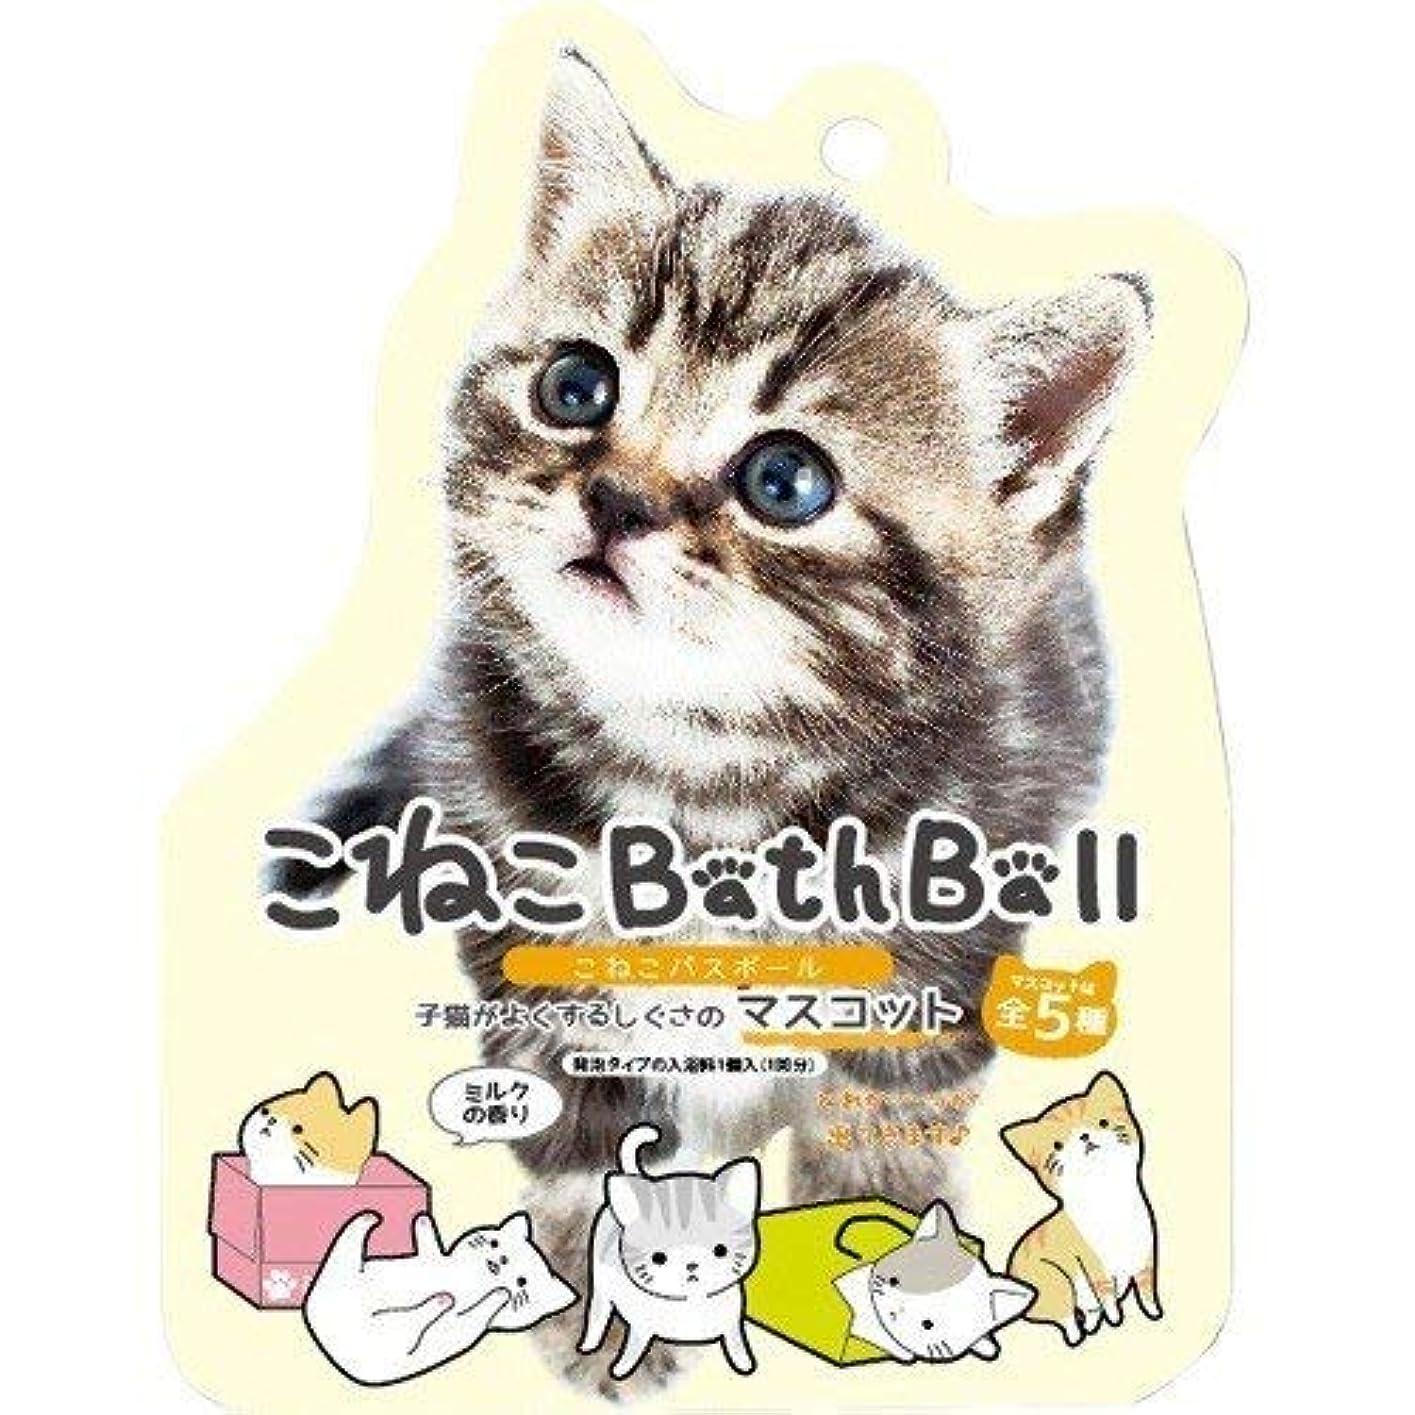 瀬戸際貸す未接続子ねこ バスボール マスコット入り 6個1セット 子猫 こねこ フィギュア入り 入浴剤